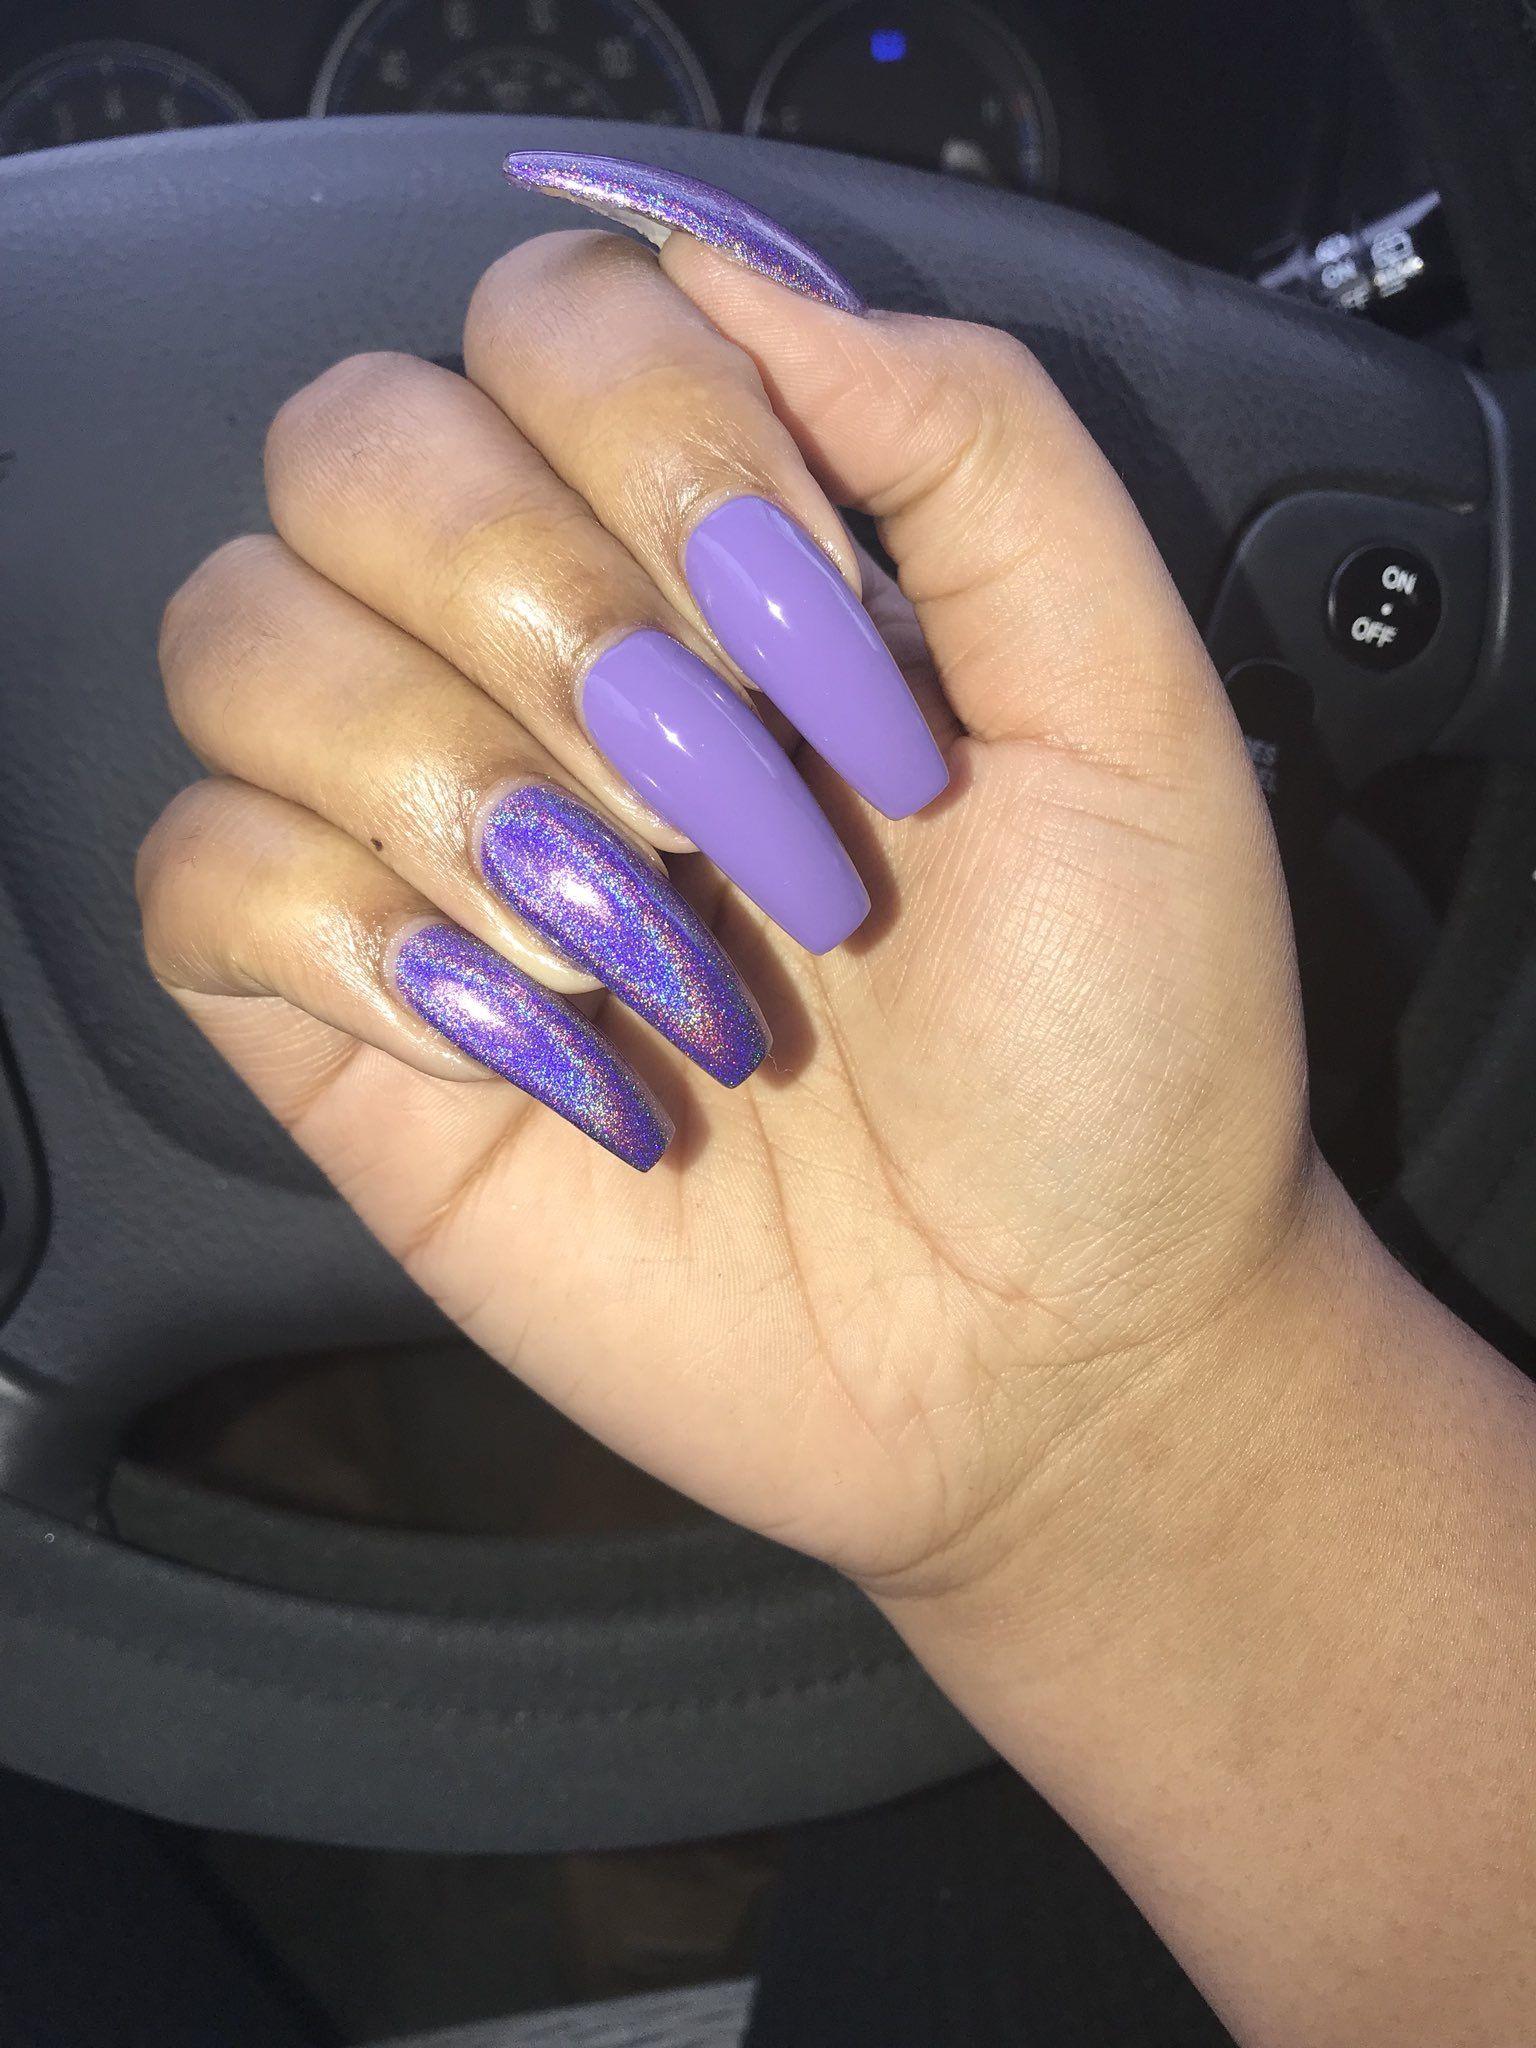 2019 year style- Nails acrylic pinterest photo